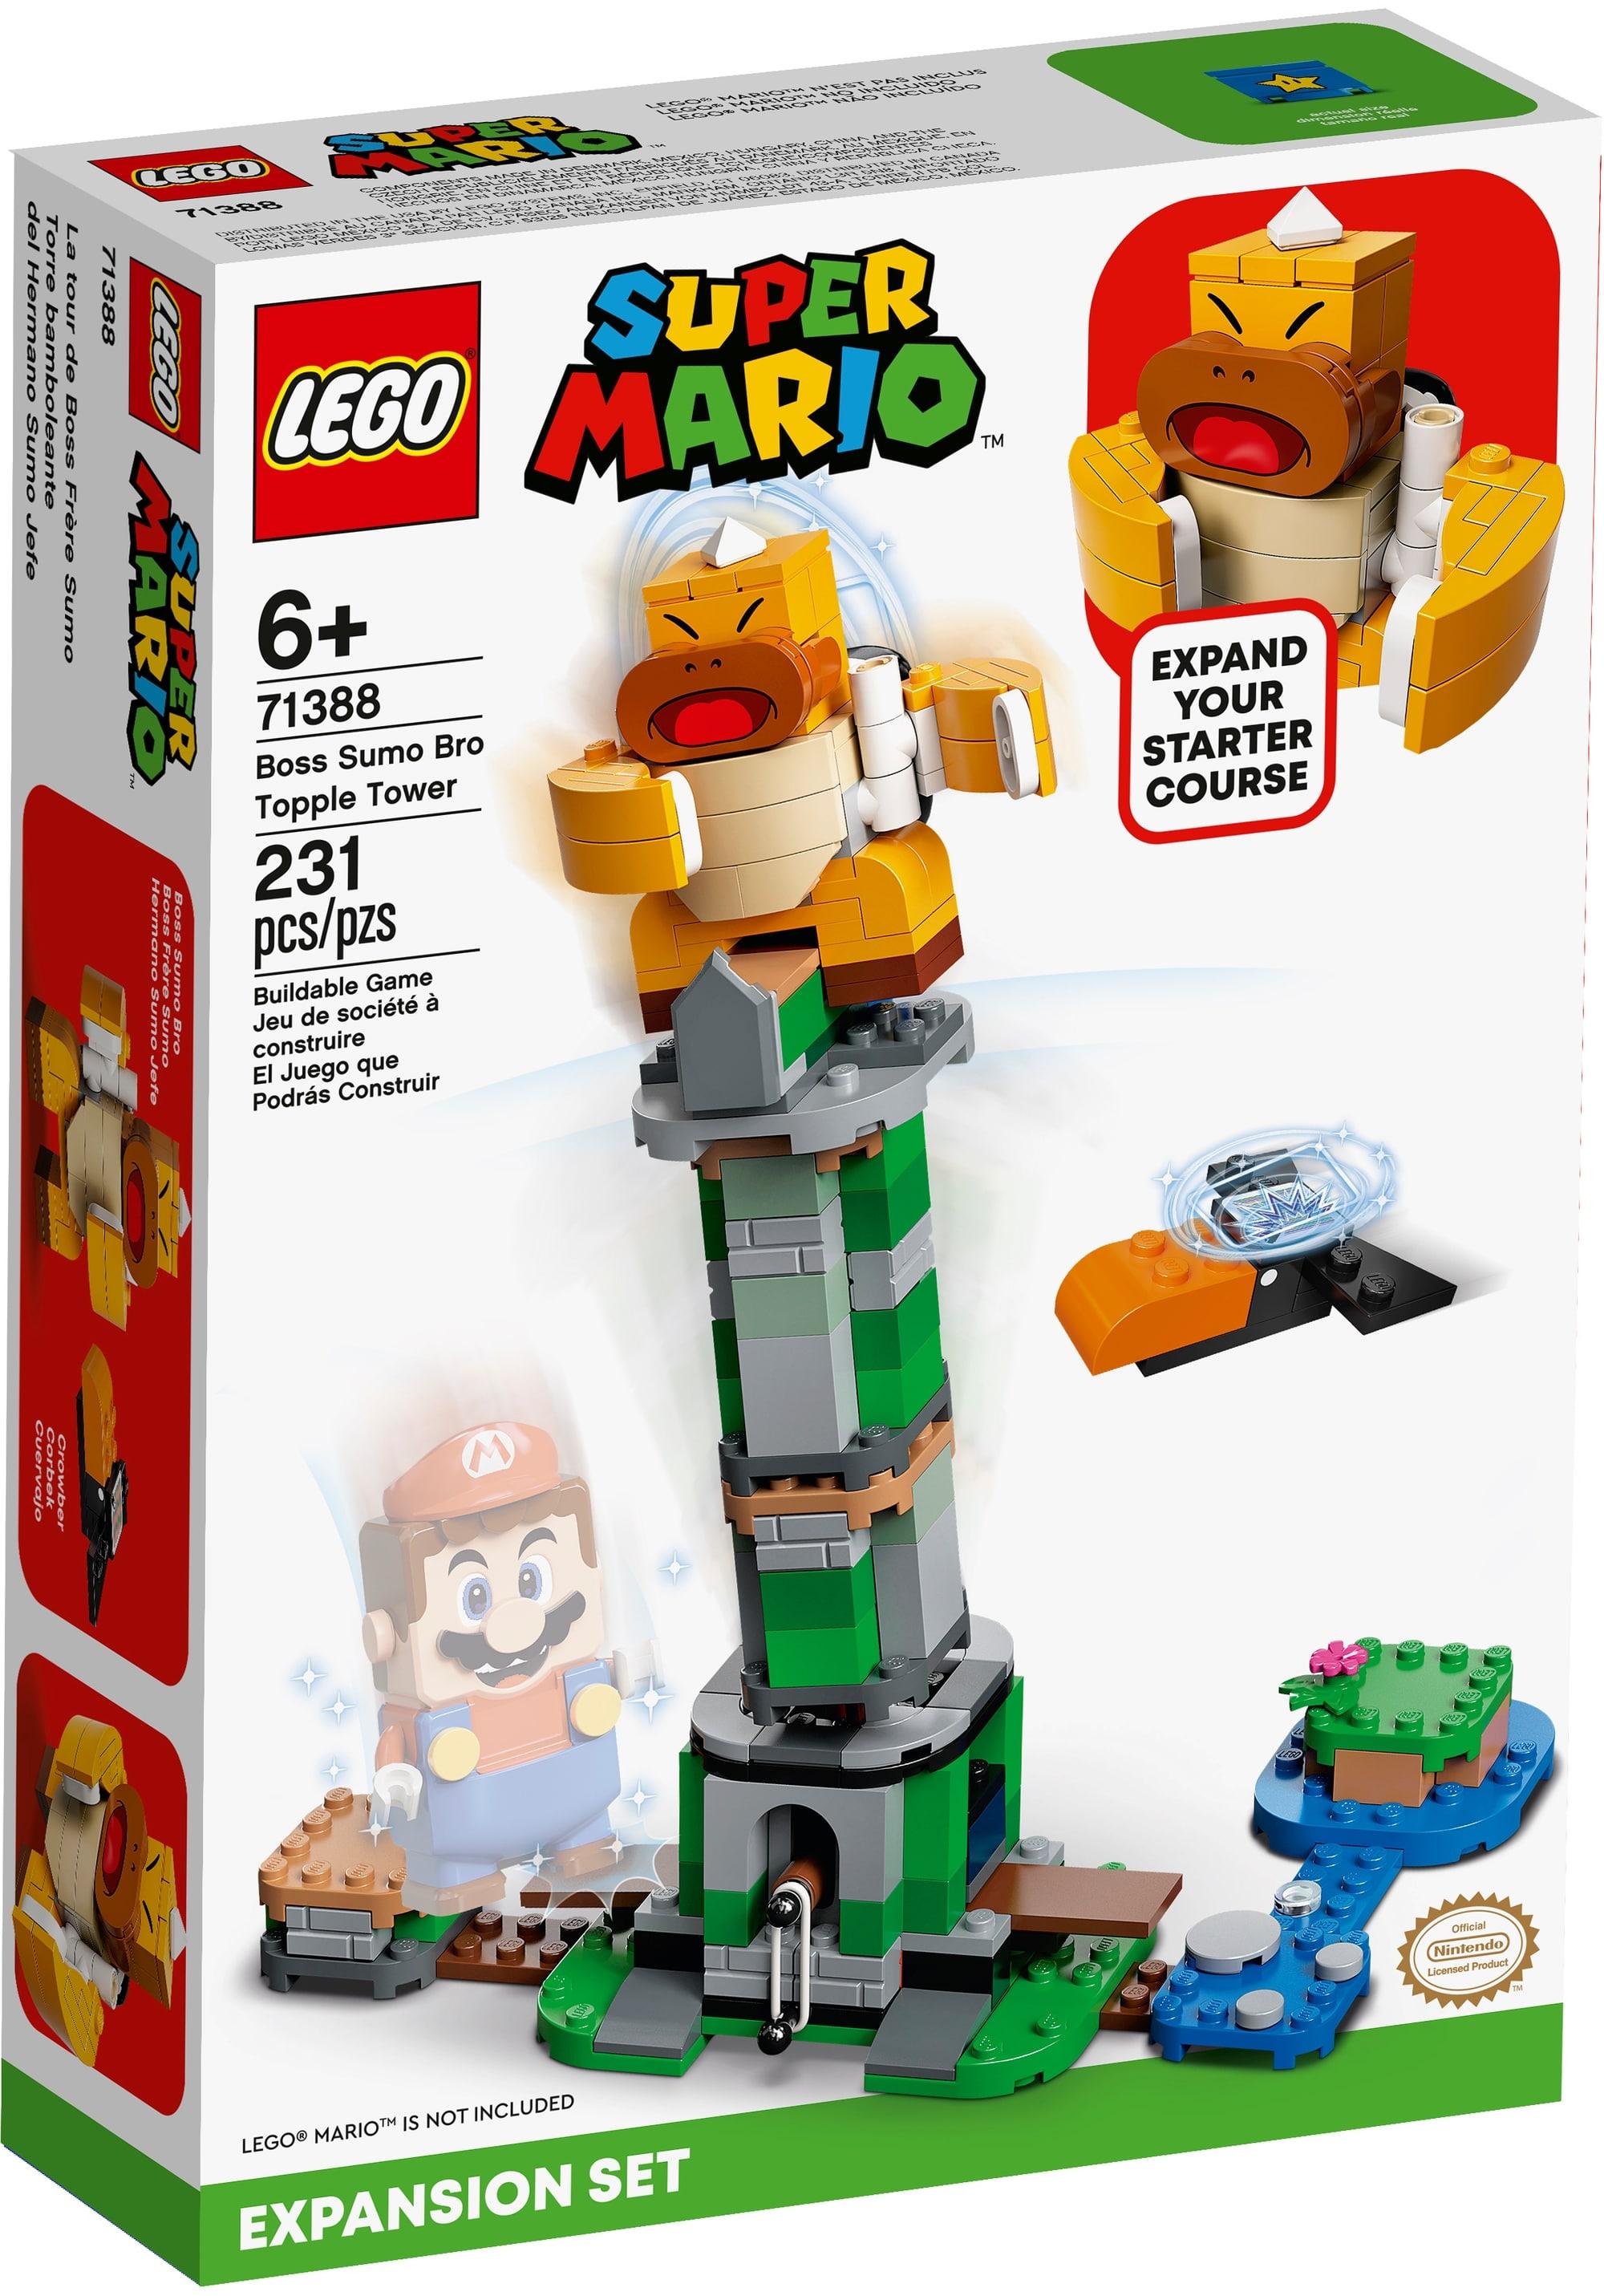 LEGO Super Mario 71388 Kippturm Mit Sumo Bruder Boss Erweiterungsset 2